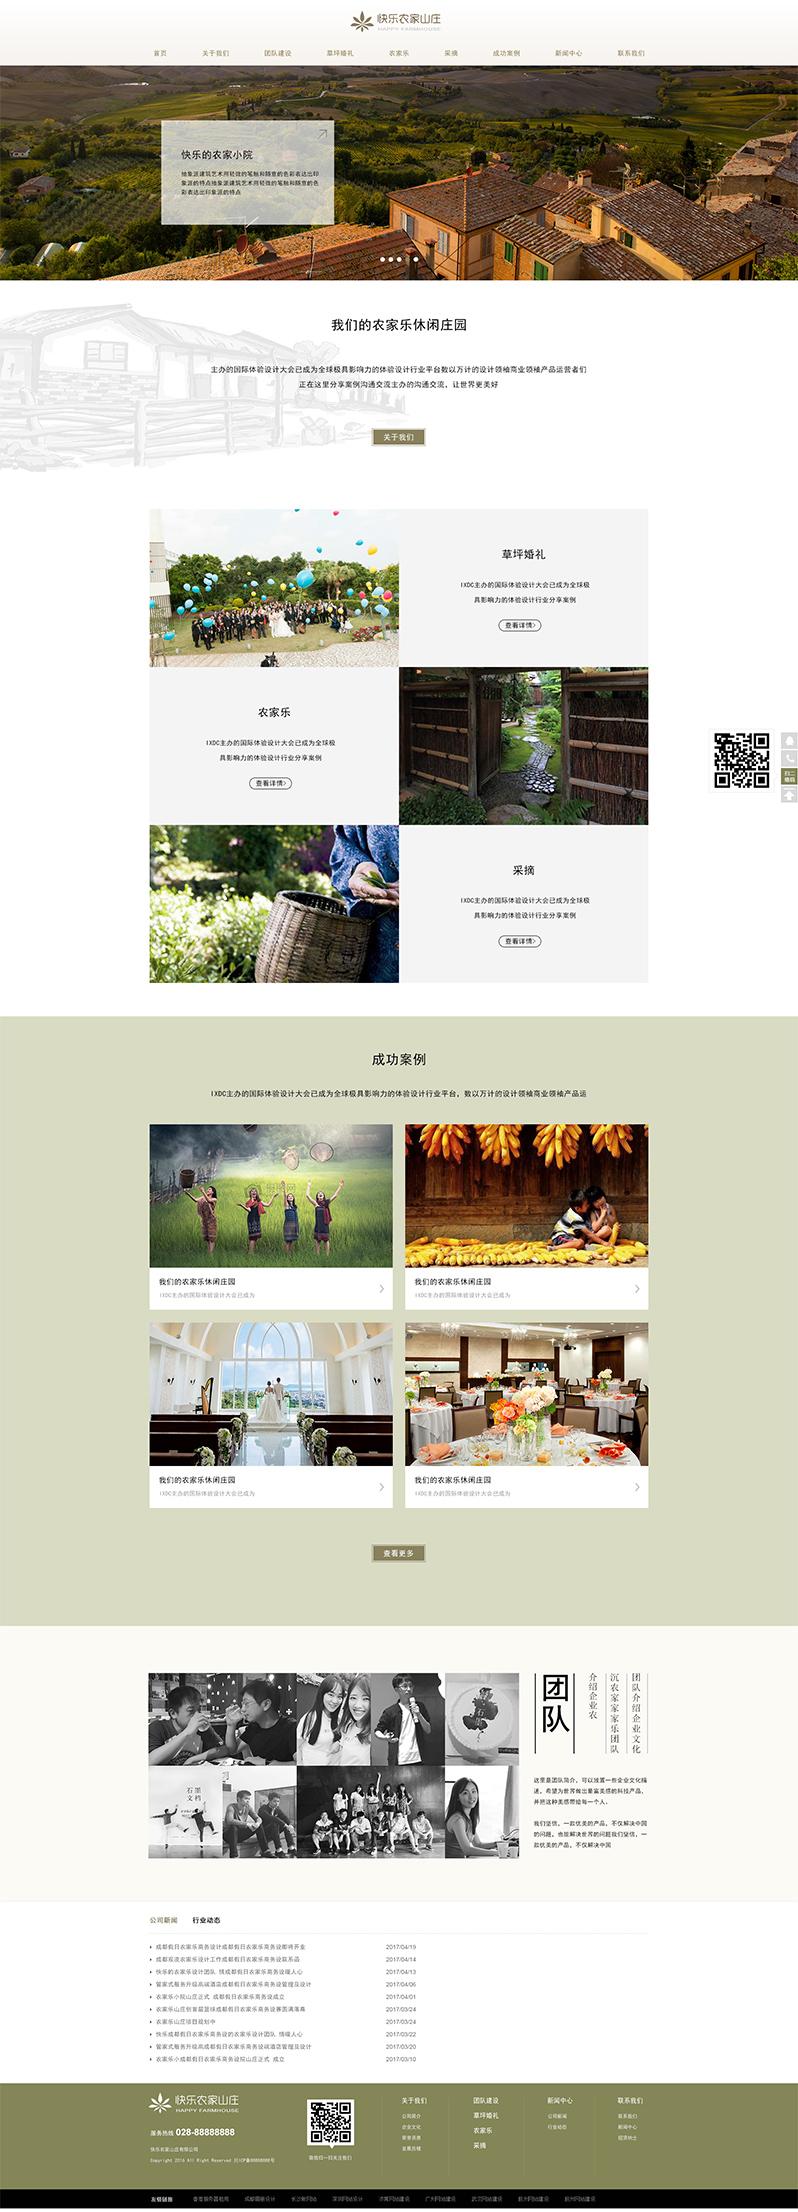 成都农家乐网站设计